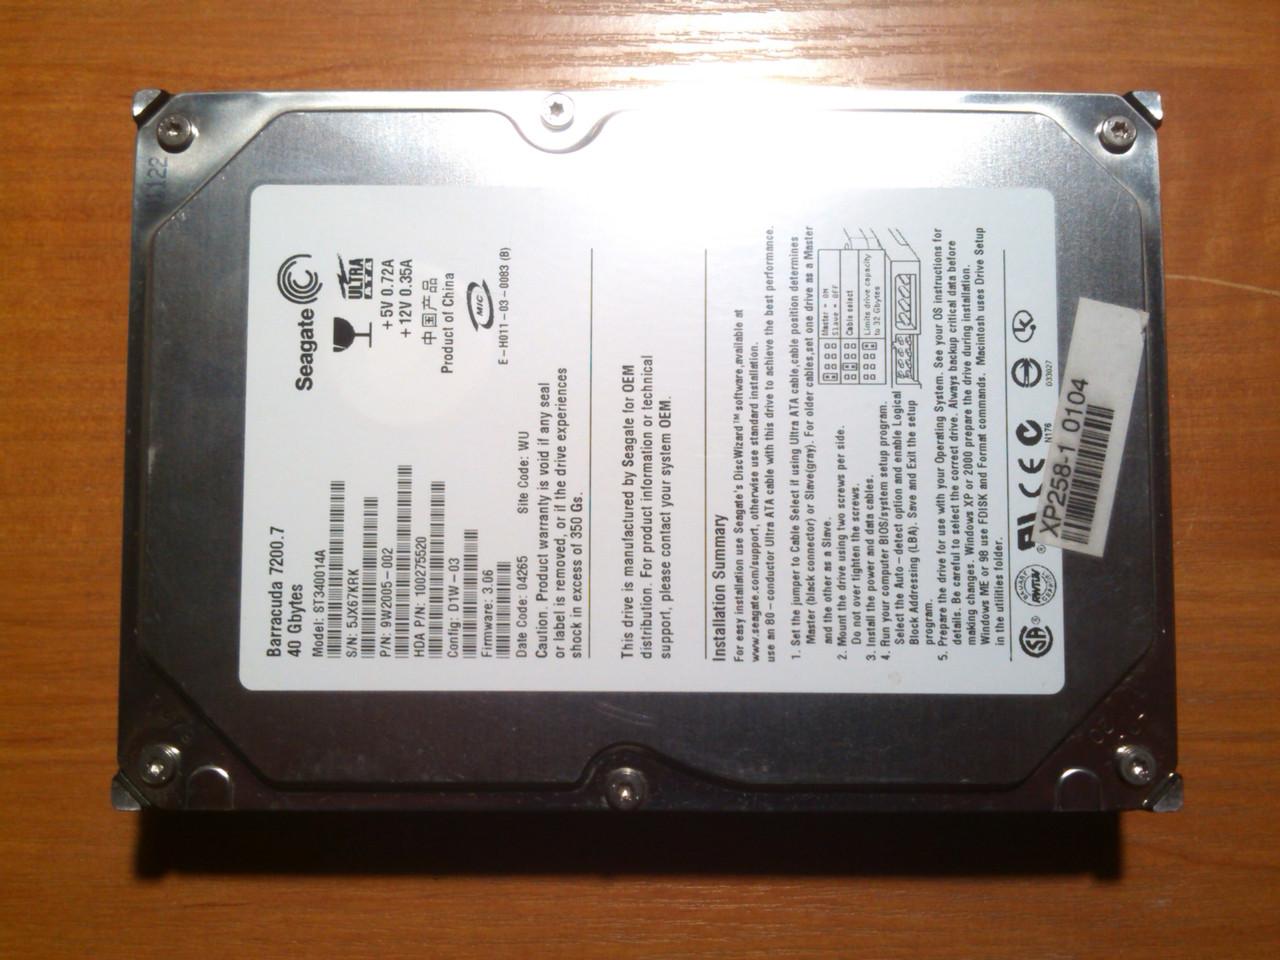 HDD 40GB 7200rpm IDE Різних виробників. Гарантія!